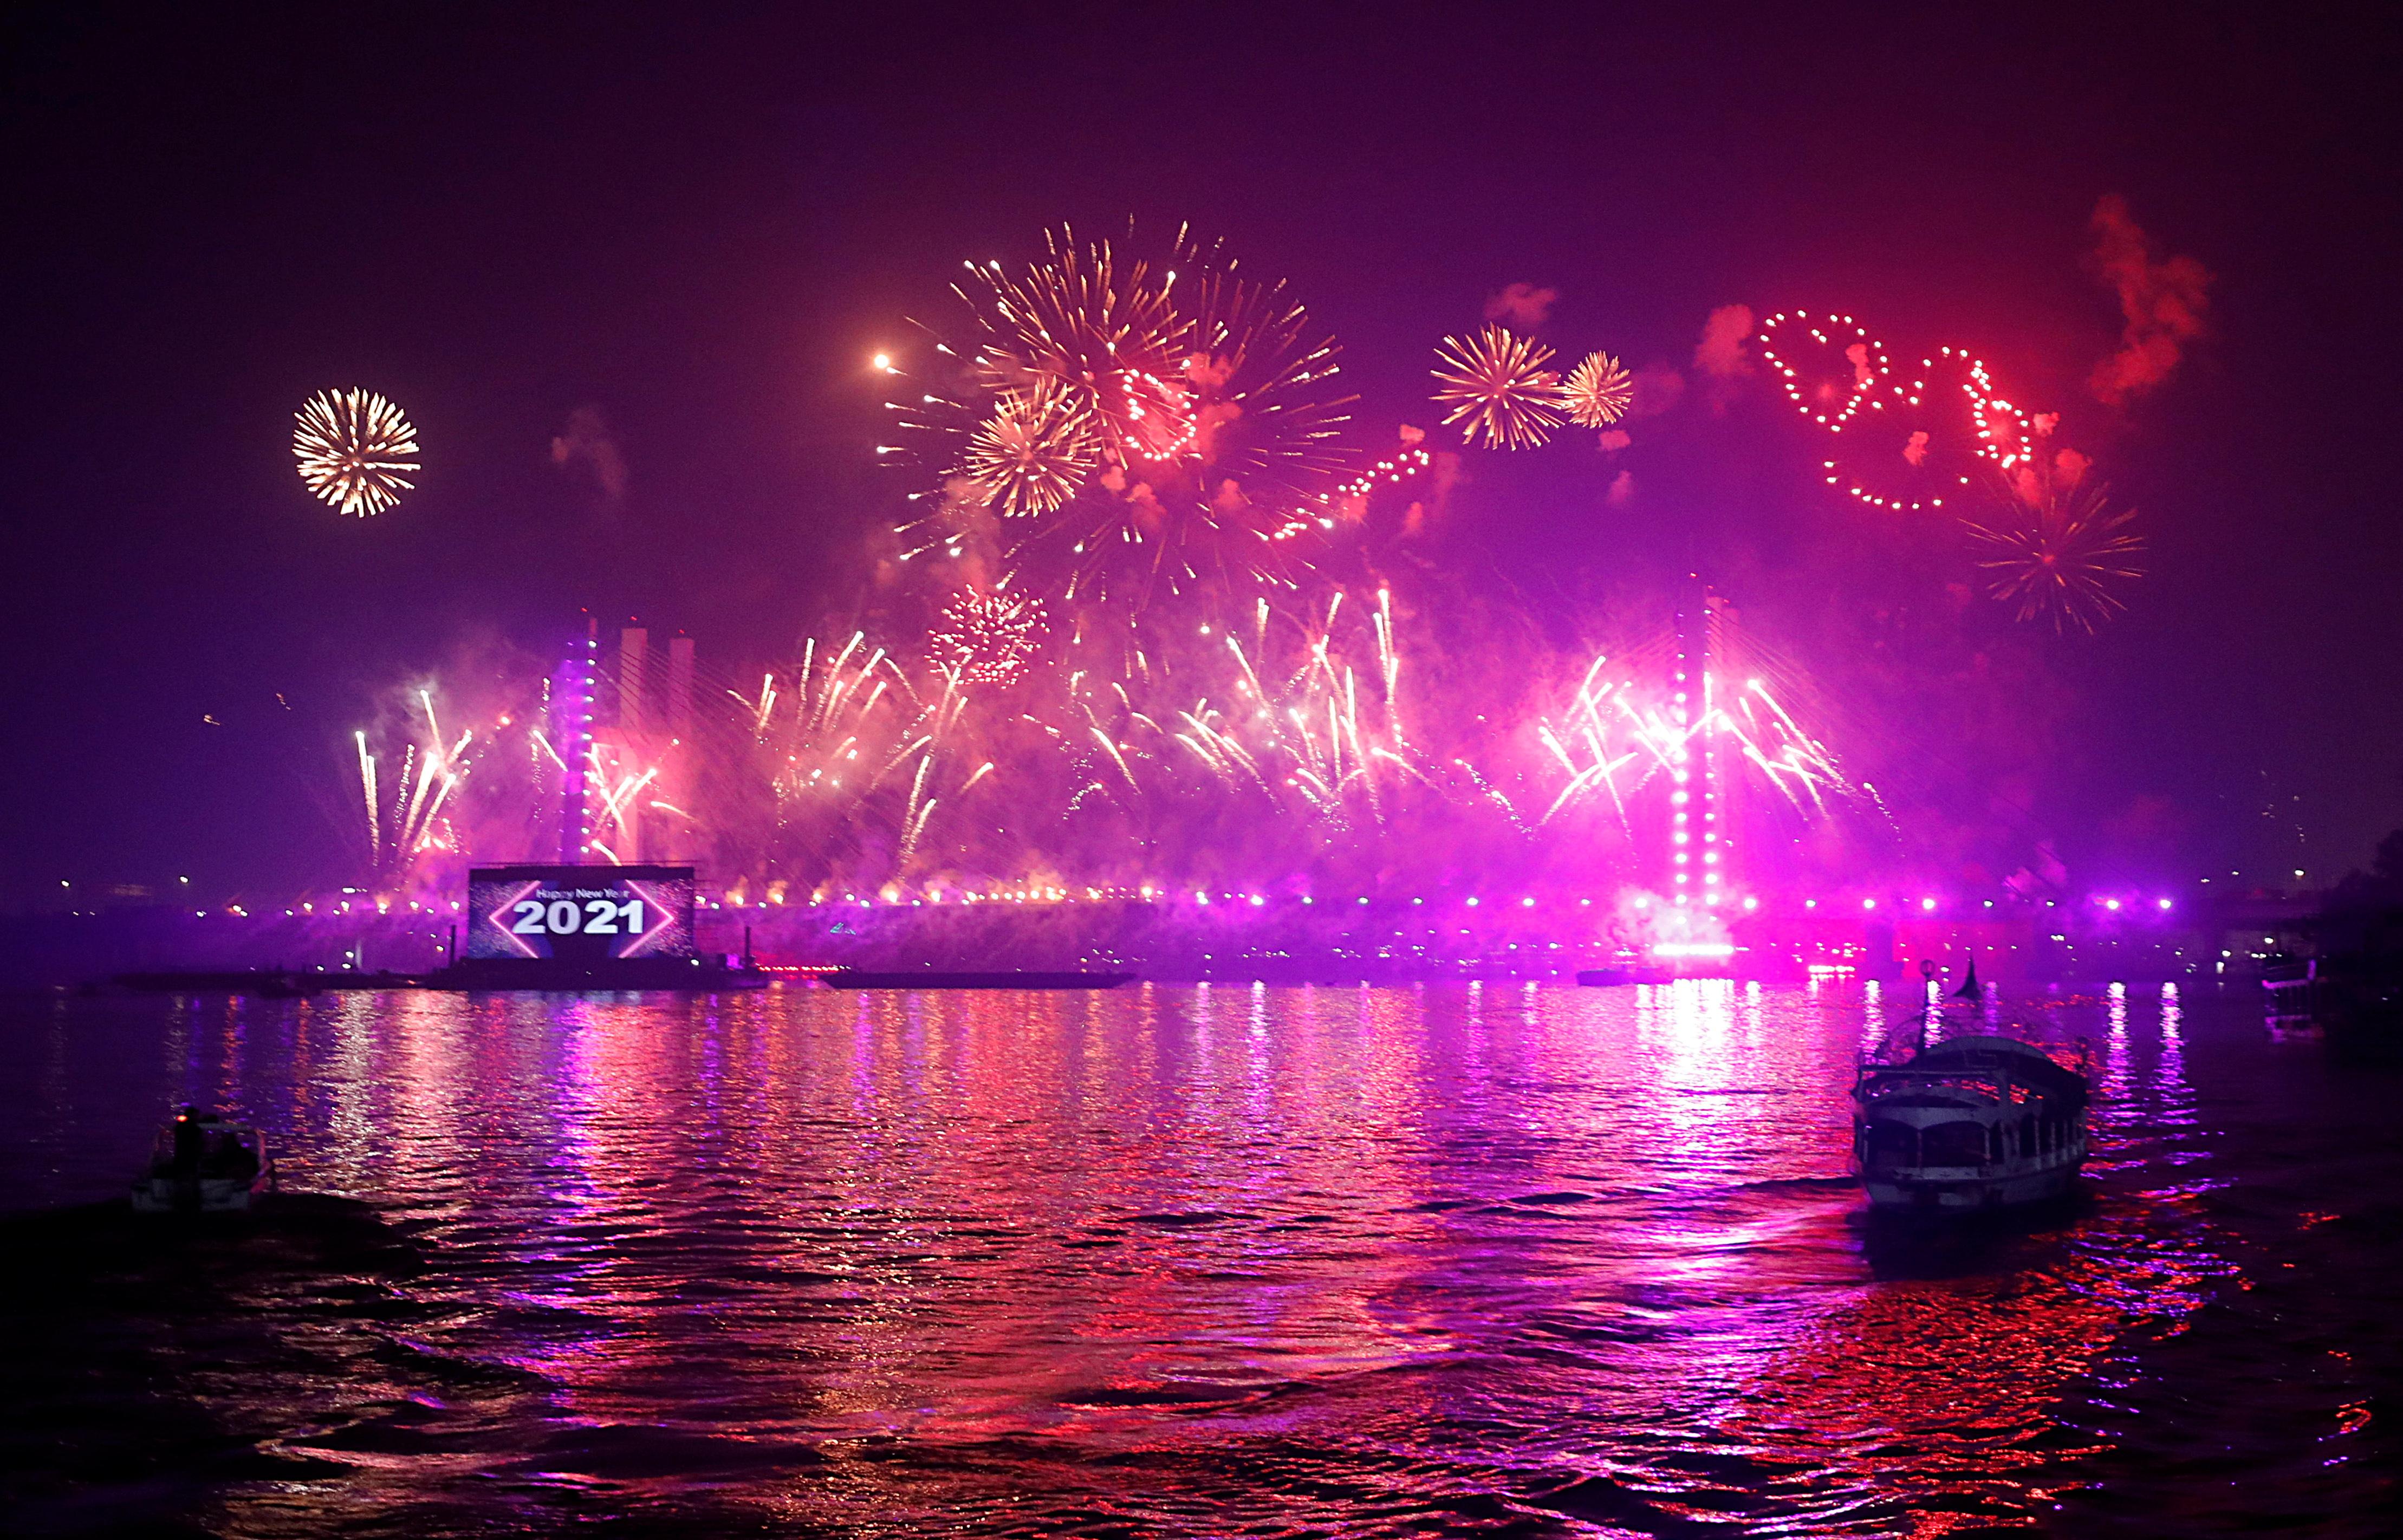 मिस्र में नील नदी पर बने सस्पेंशन ब्रिज पर शानदार रोशनी की गई।